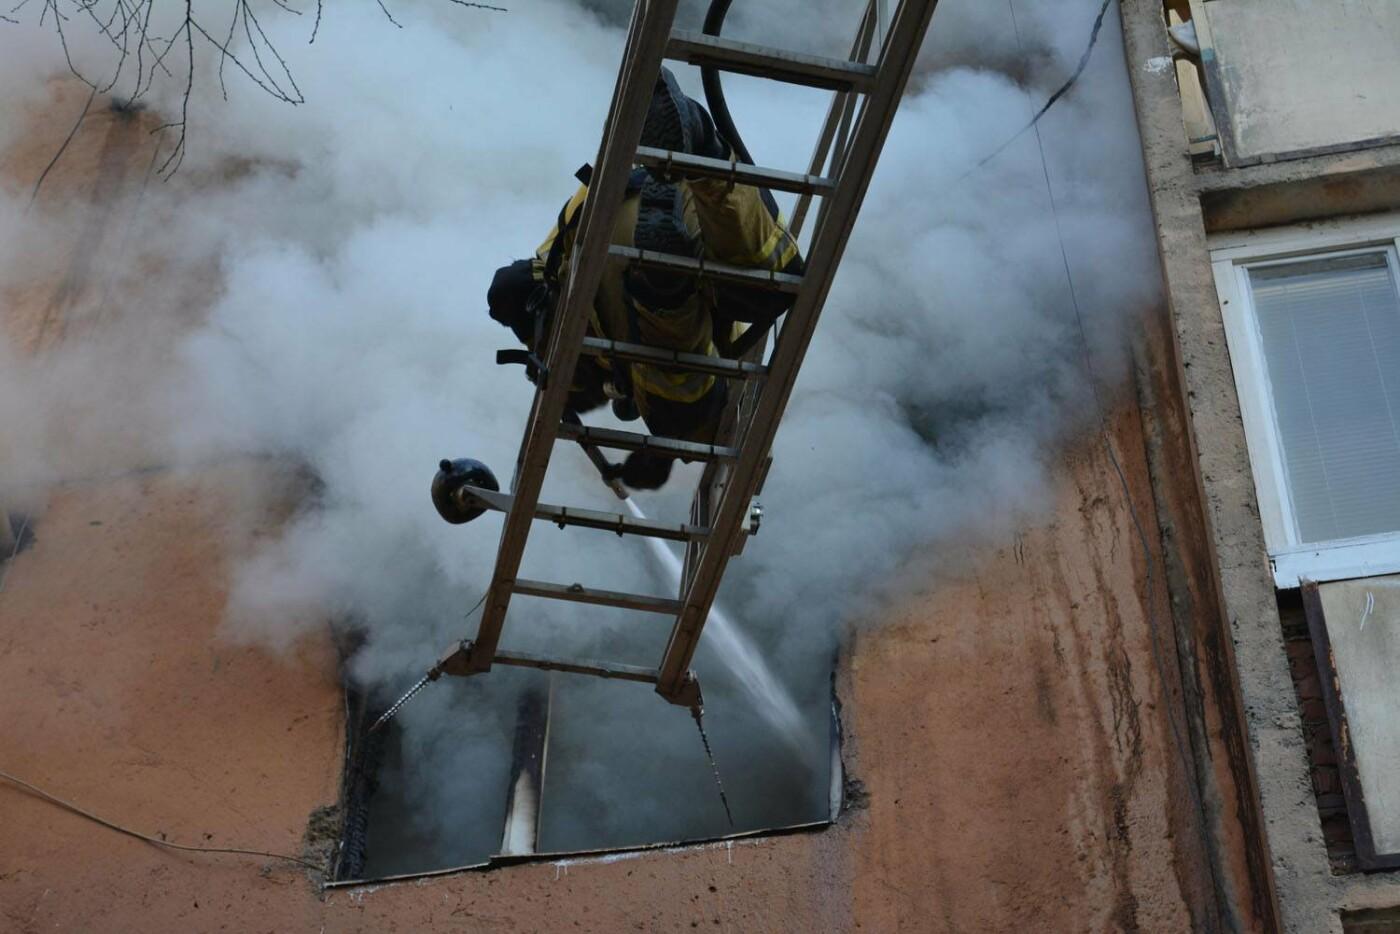 Через пожежу у багатоповерхівці на Годинки в Ужгороді евакуювали 20 чоловік, згоріли 2 кімнати (ФОТО, ВІДЕО, УСІ ПОДРОБИЦІ), фото-4